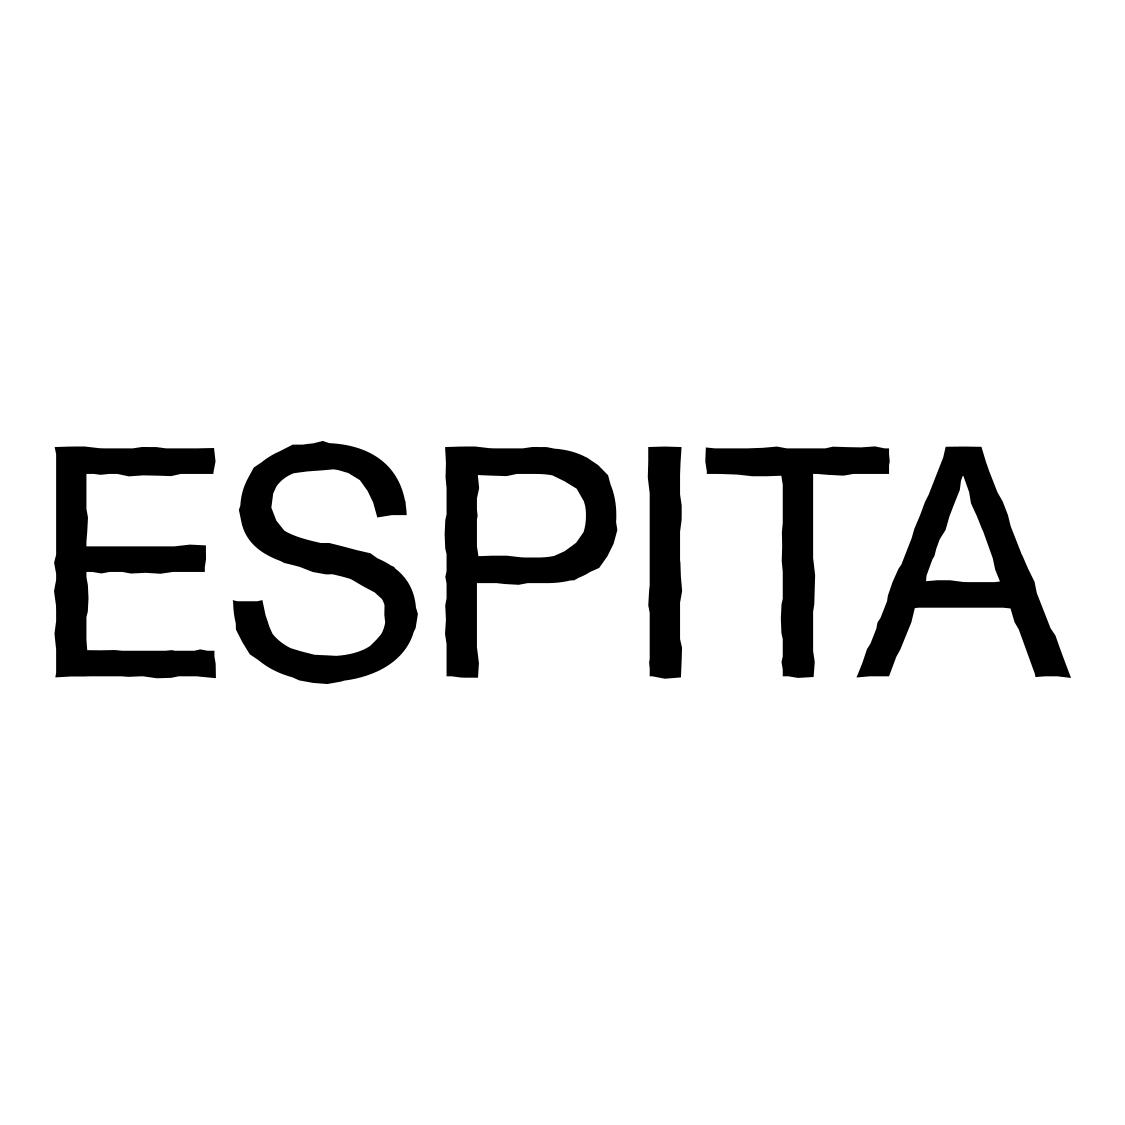 Image result for espita logo